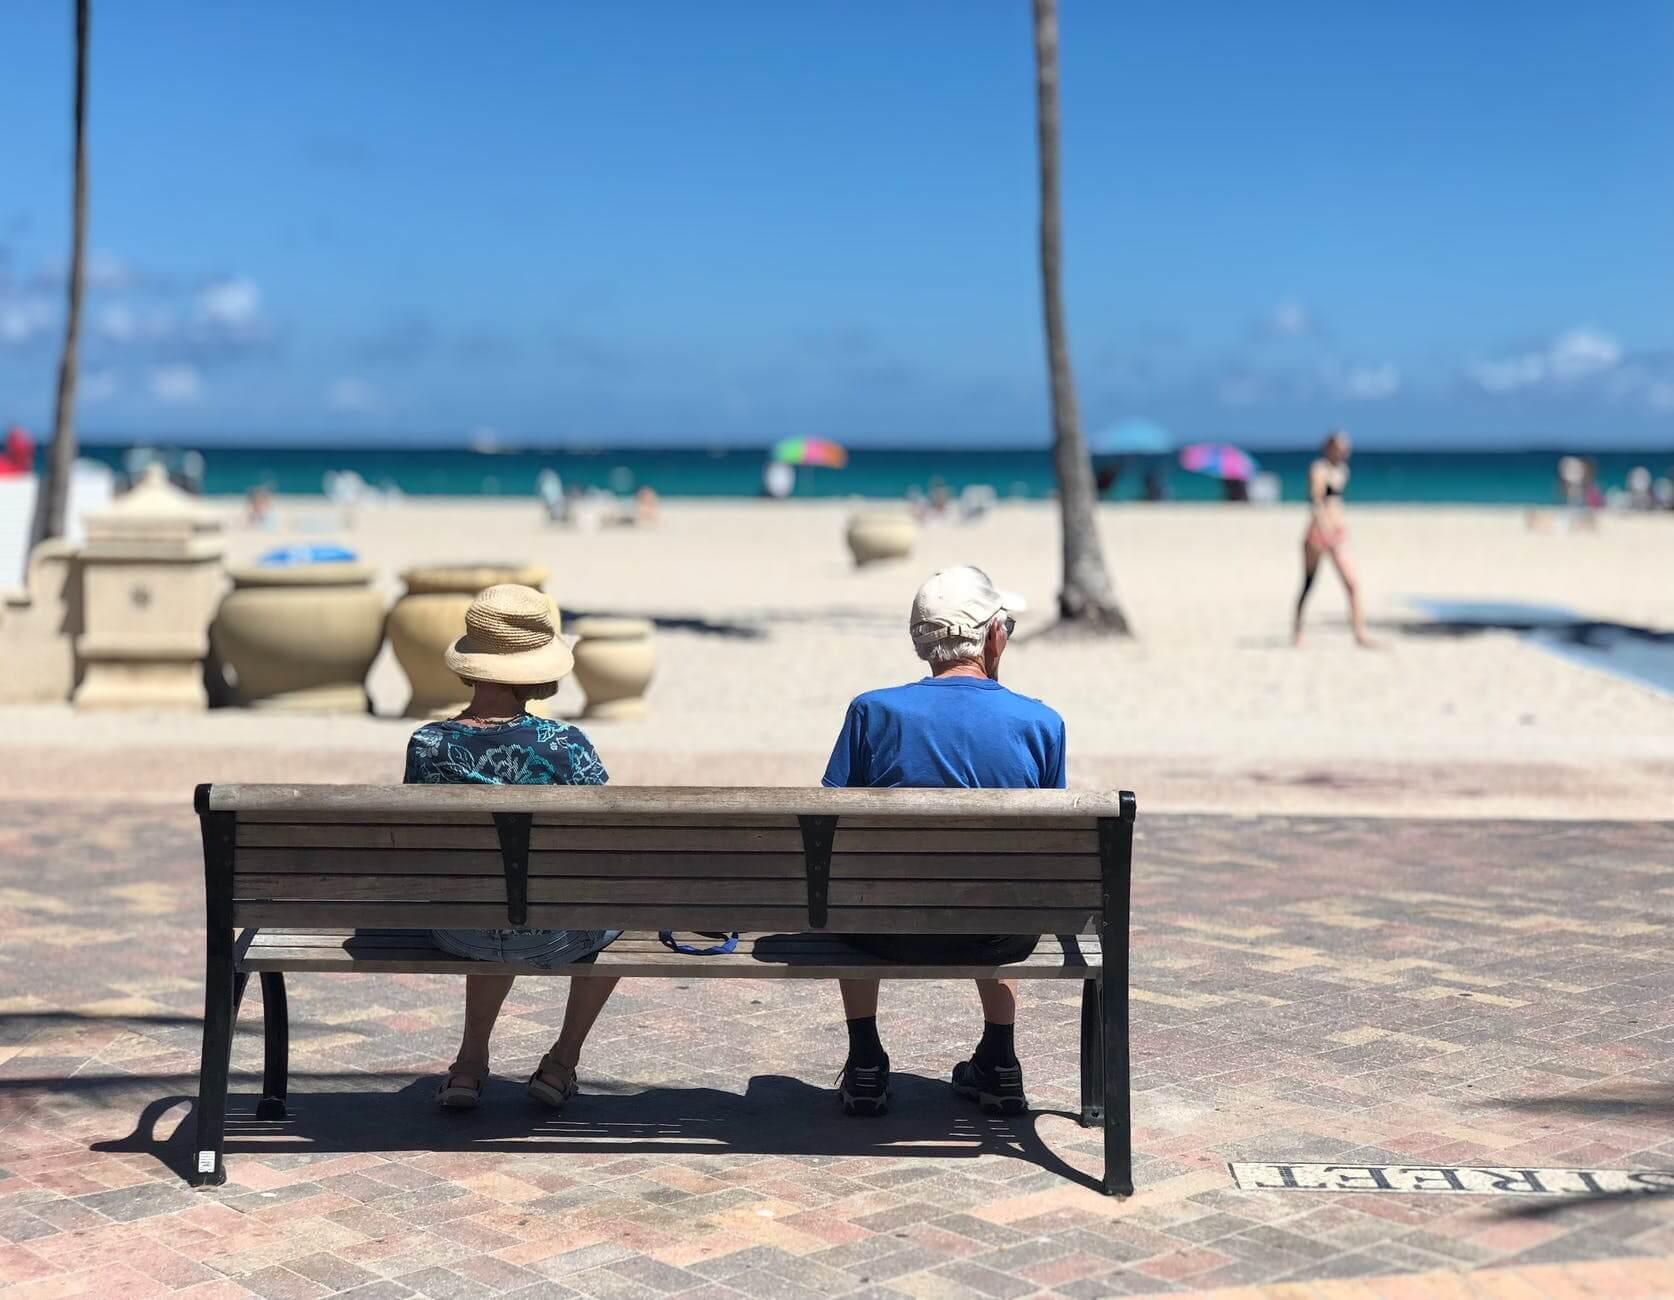 Vrućine opasne po zdravlje: Do kraja tjedna čeka nas +35°C! Slijedite 10 naputaka